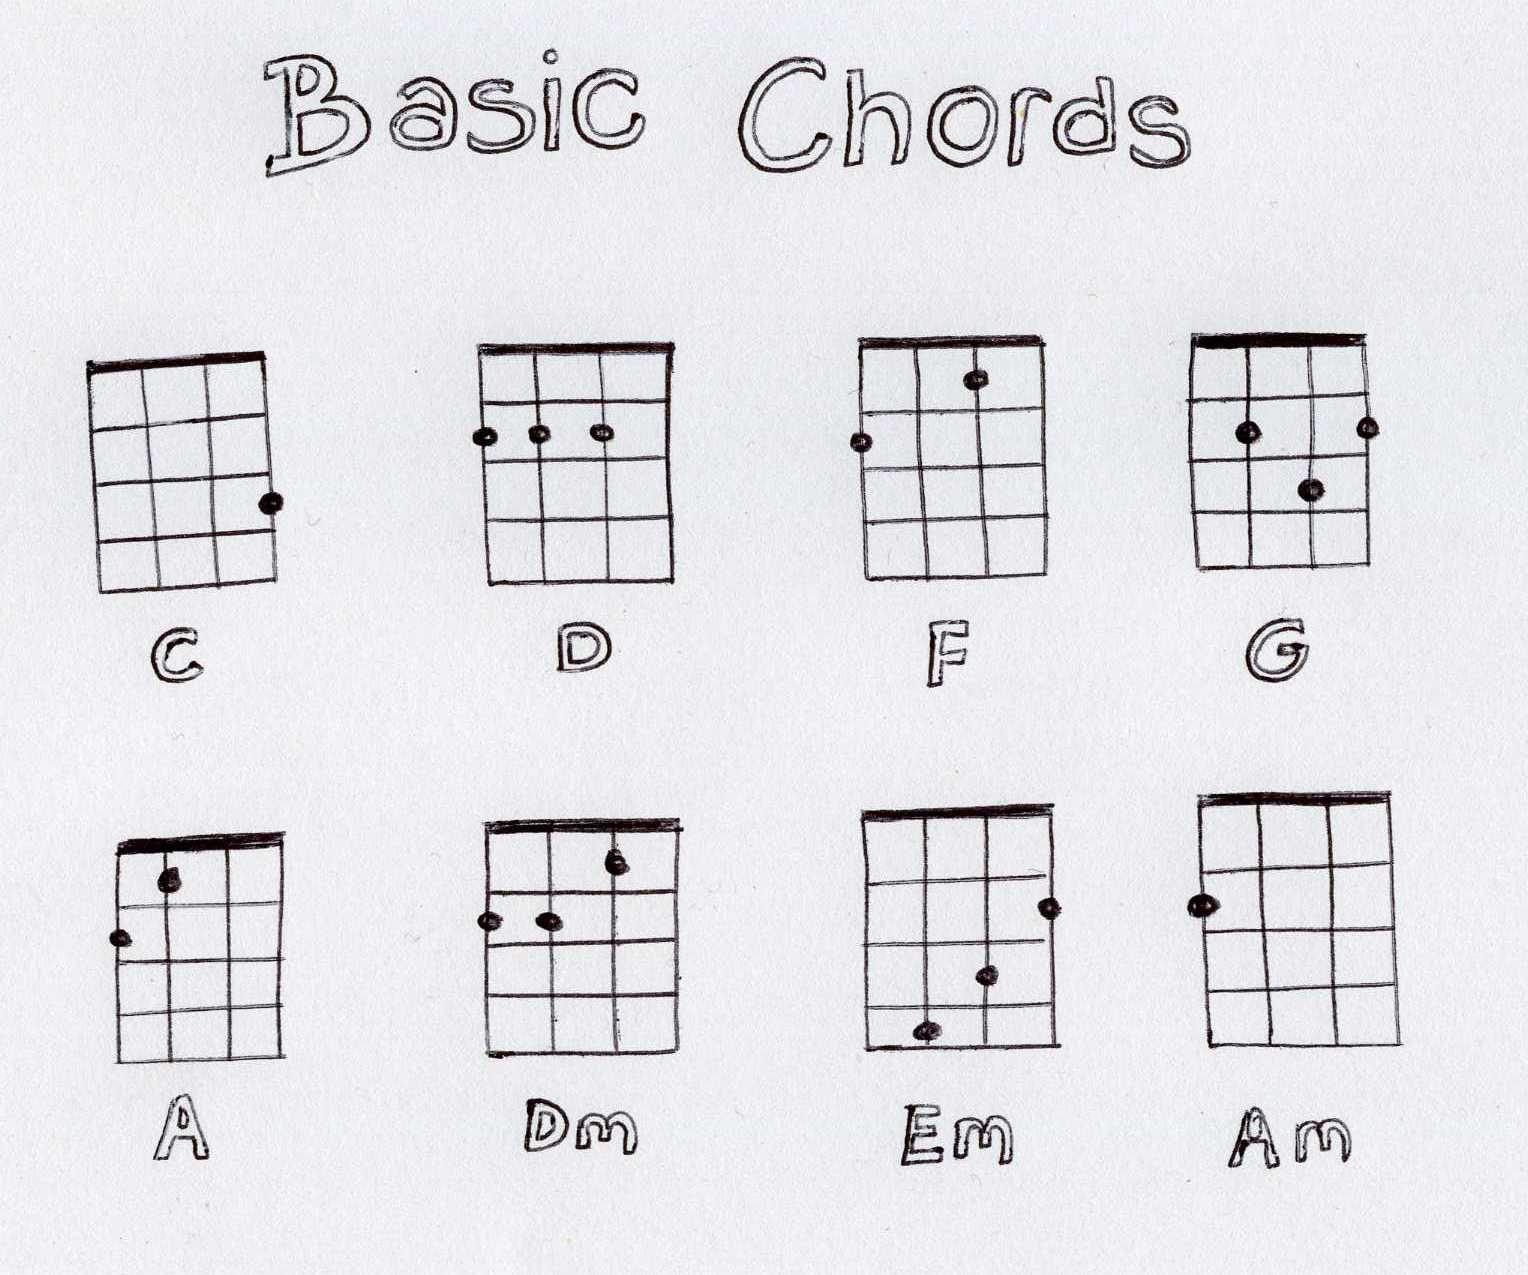 Basic Chords Fitzharrys Ukulele Club Ukulele Chords Chart Easy Ukulele Songs Ukulele Chords